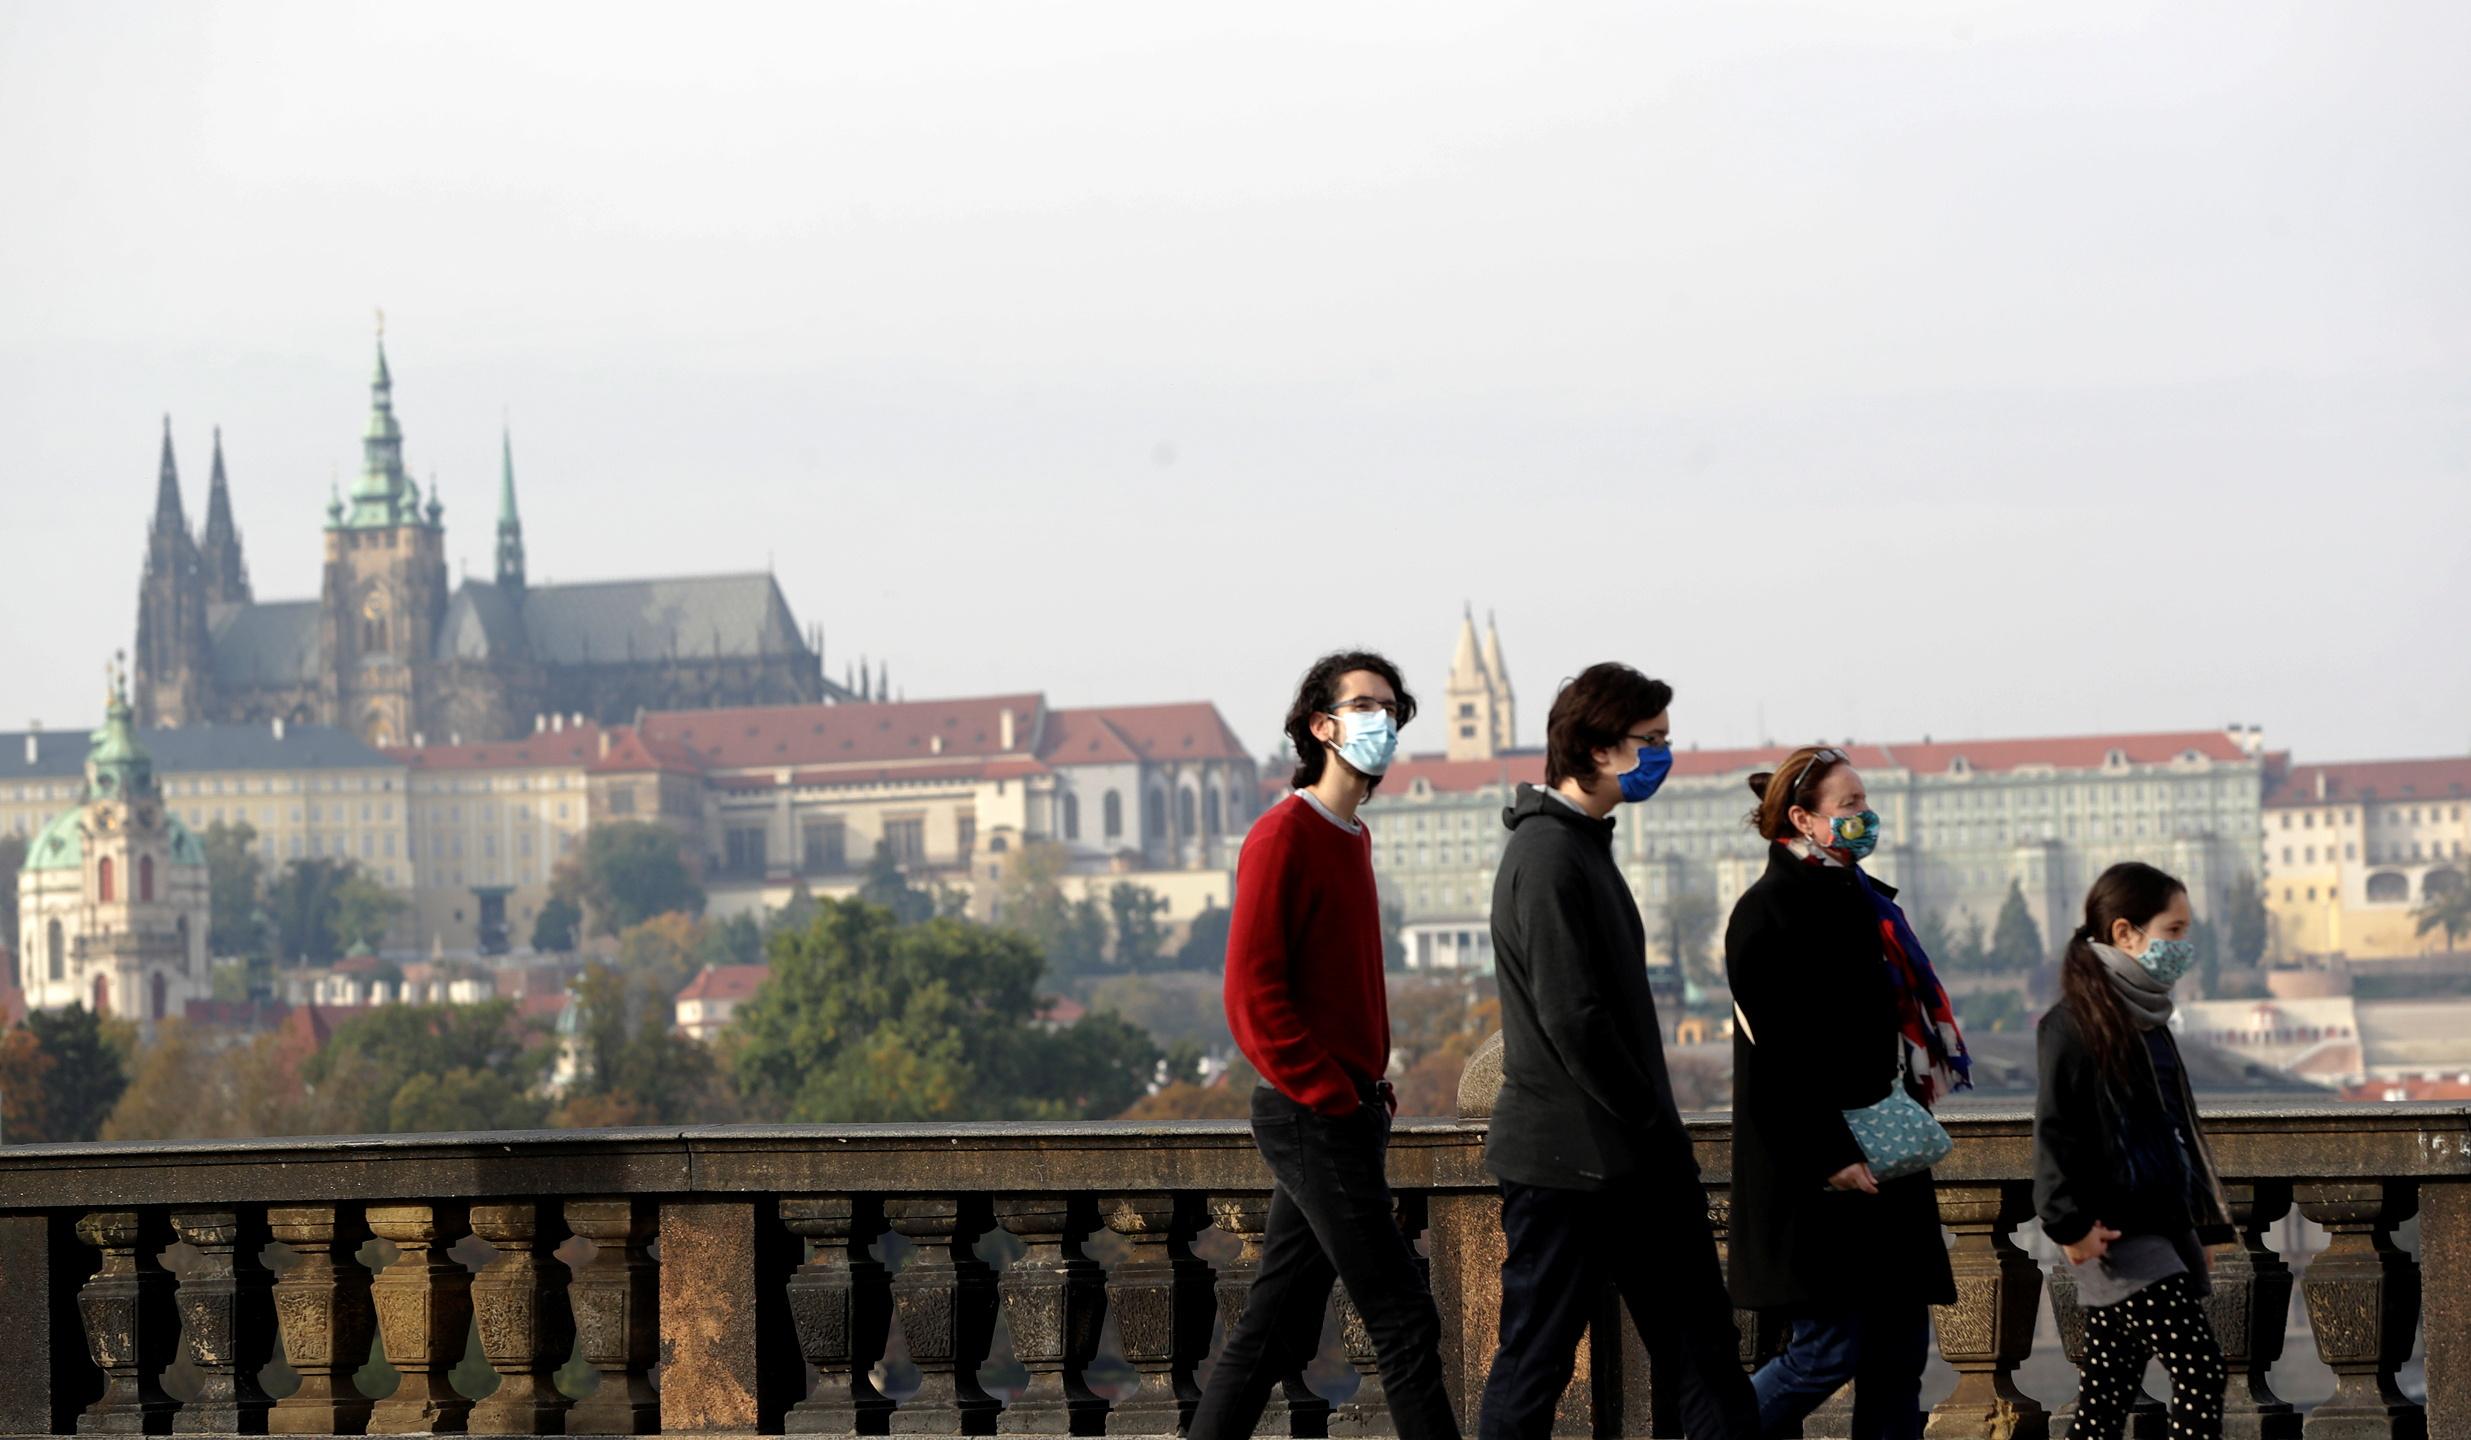 随着捷克疫情形势急转直下,捷克政府周四起限制民众自由出行并关闭大多数商业经营场所。-路透社-